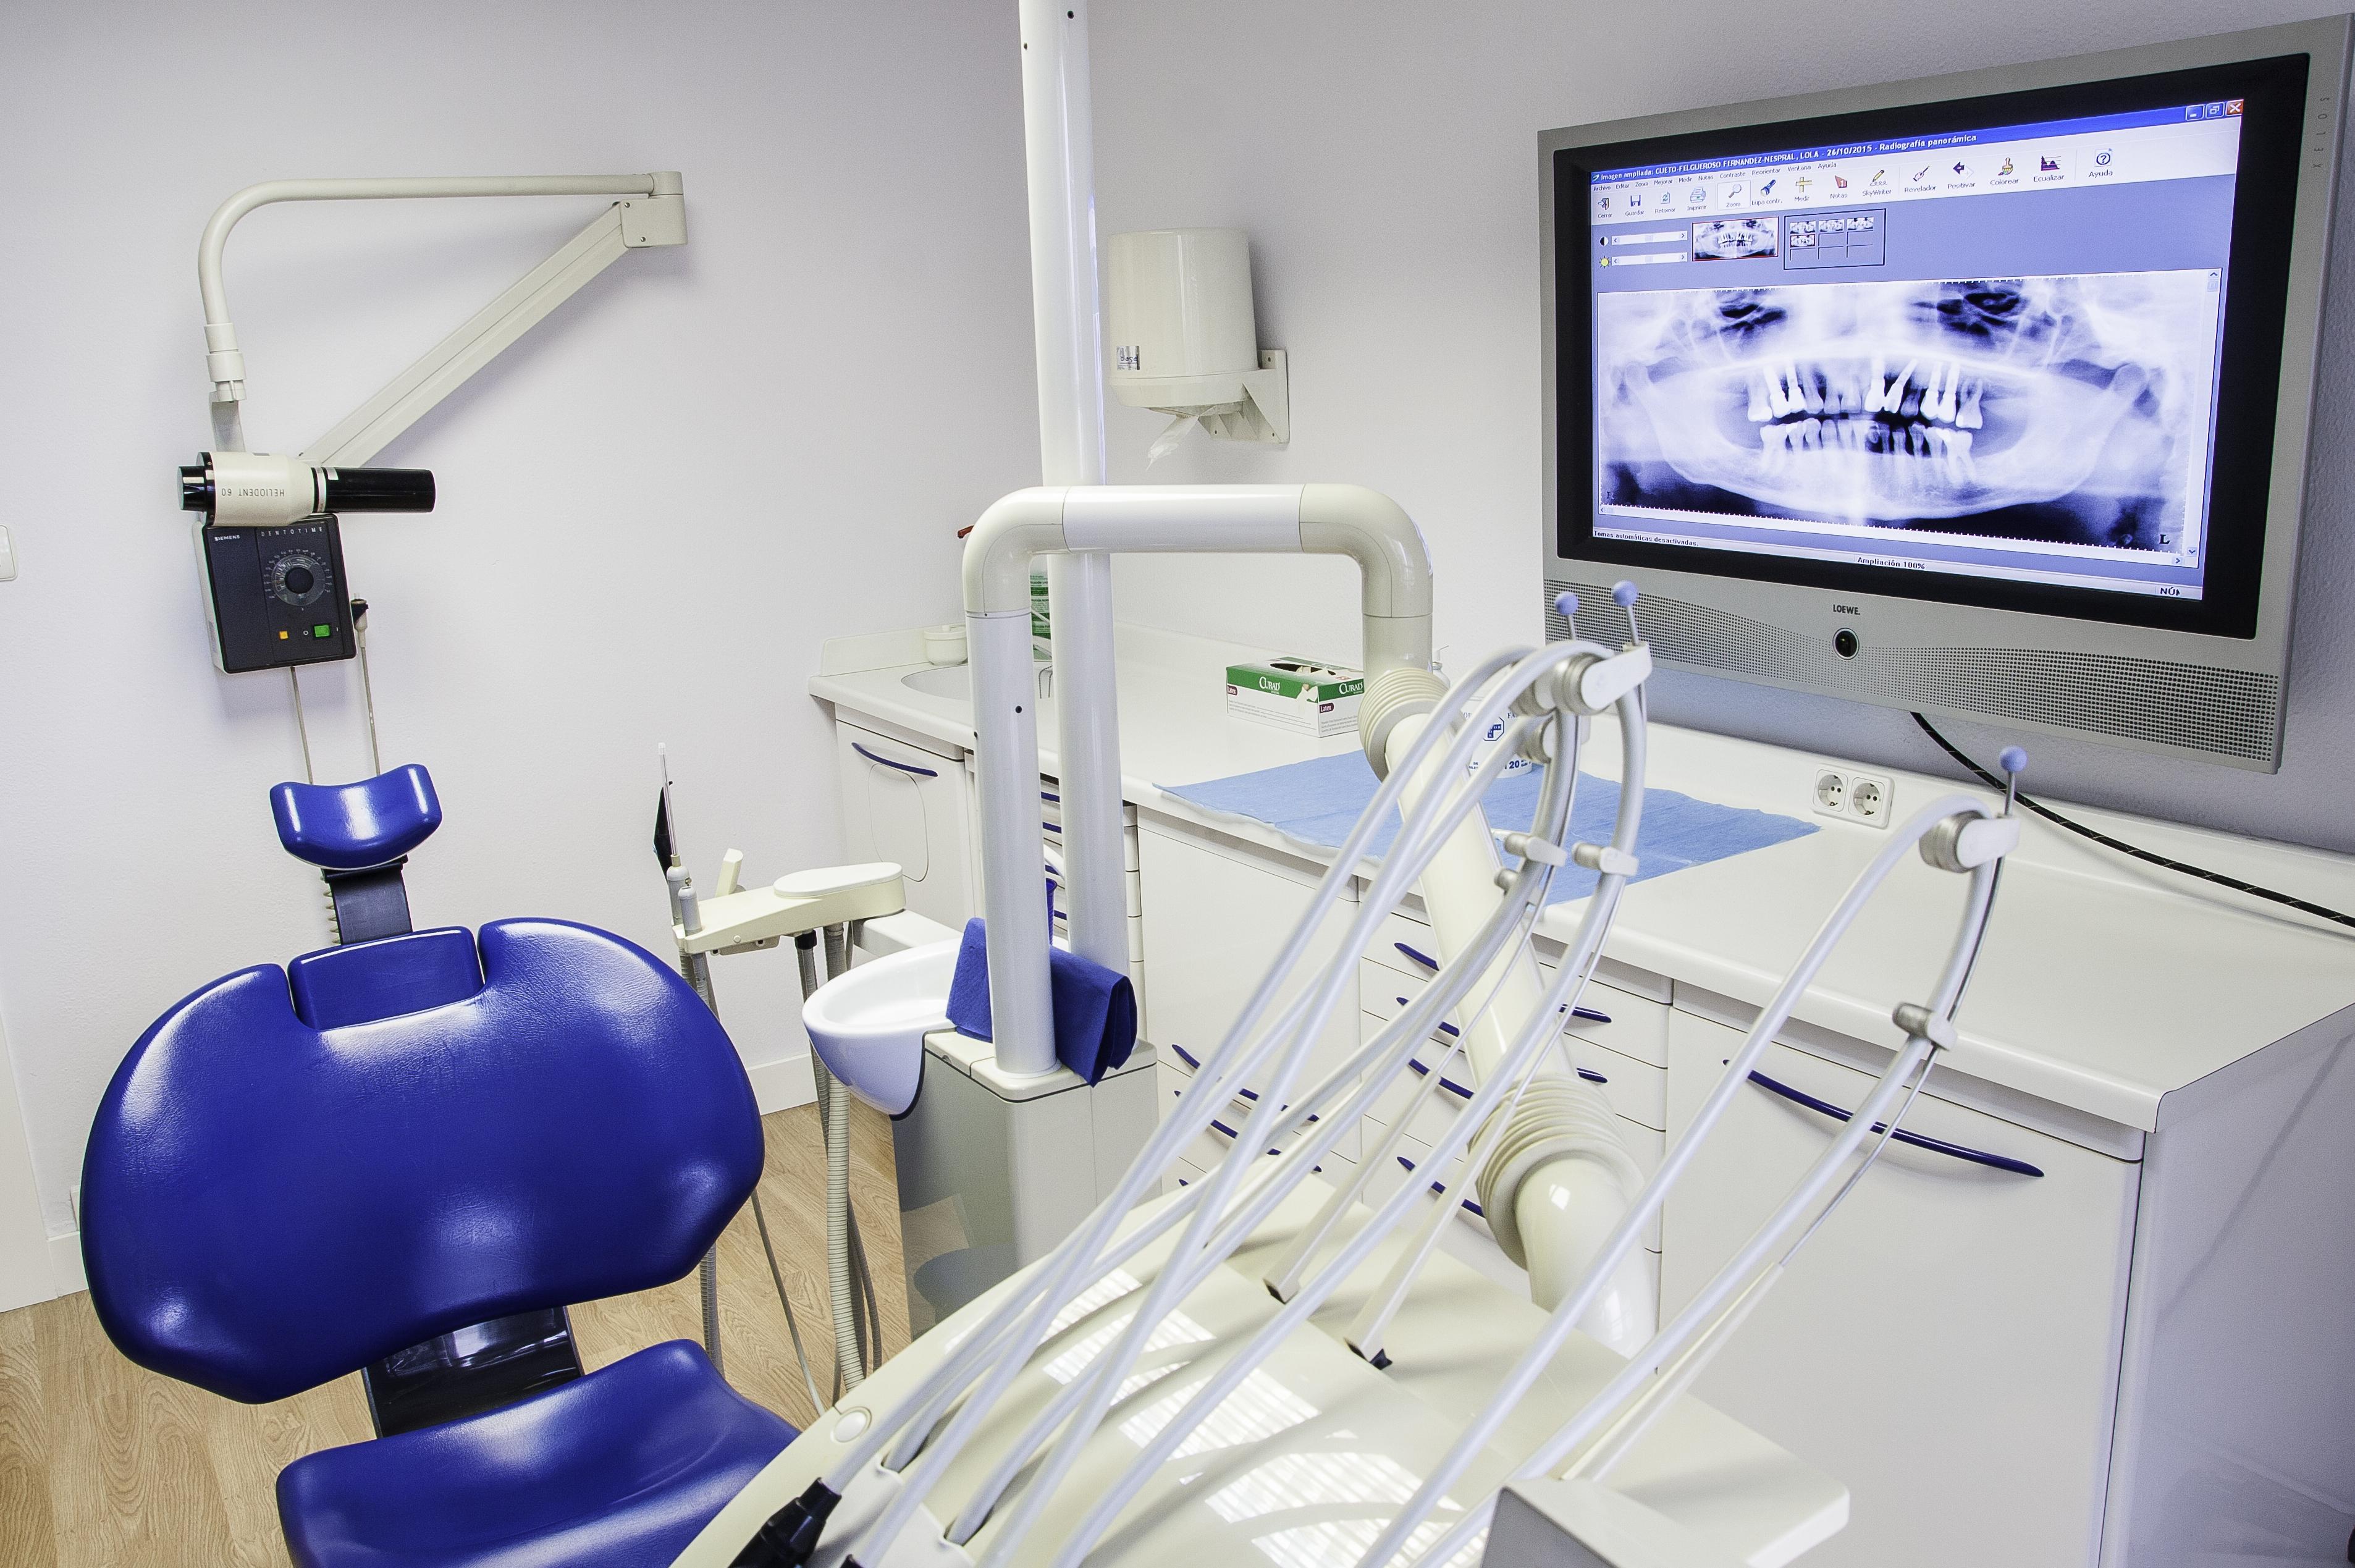 Foto 3 de Clínicas dentales en Gijón | Clínica Dental Santiago G. Fdez. - Nespral